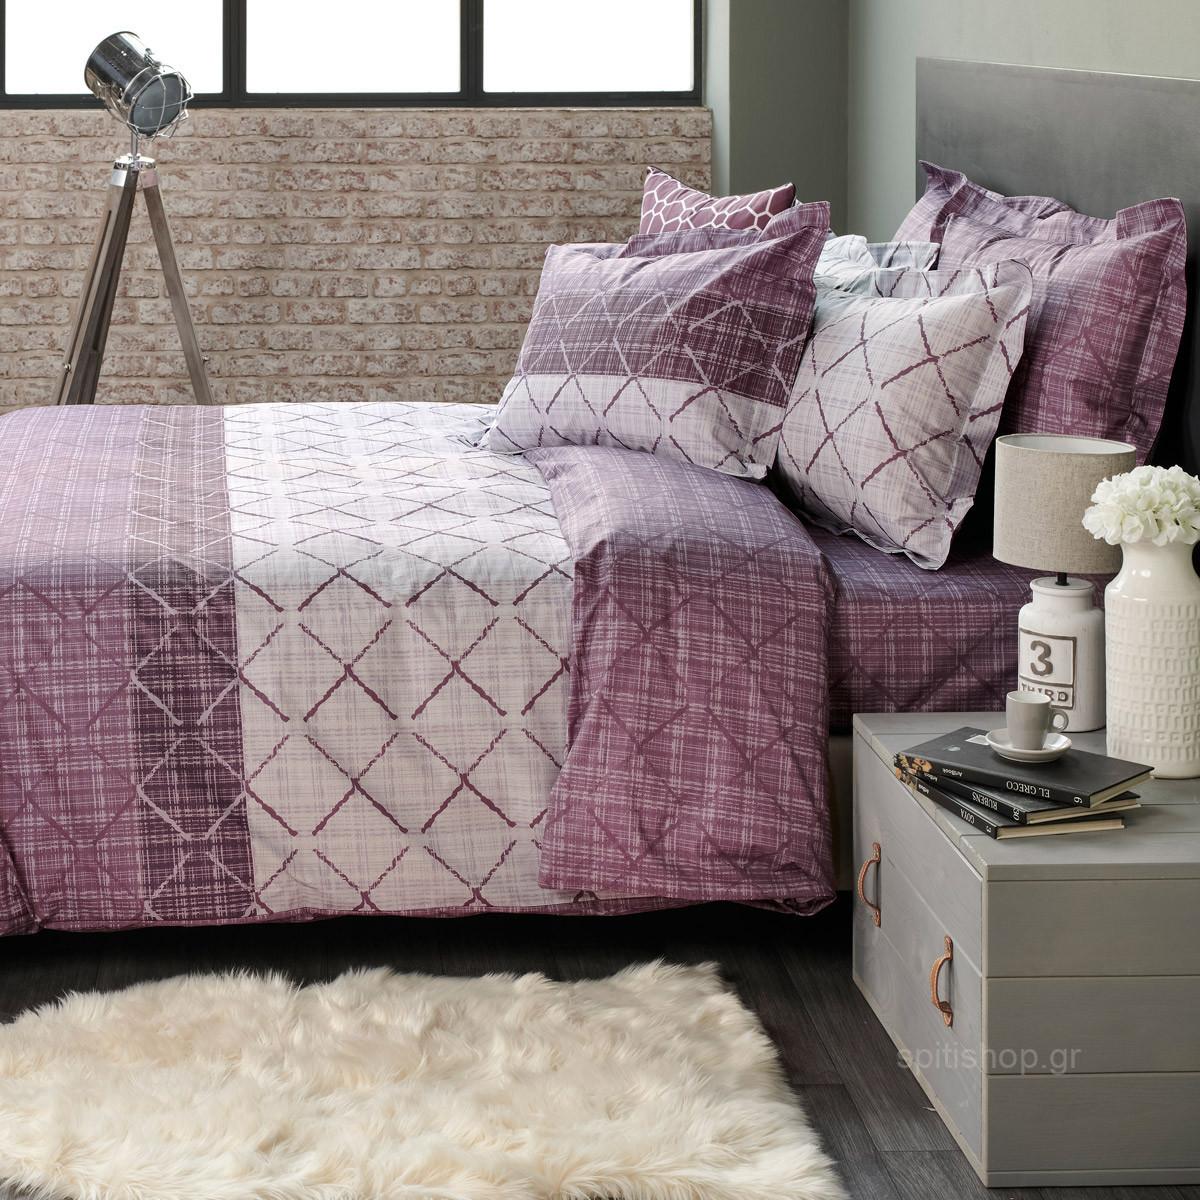 Σεντόνια Υπέρδιπλα (Σετ) Kentia Loft Arragon 42 home   κρεβατοκάμαρα   σεντόνια   σεντόνια υπέρδιπλα